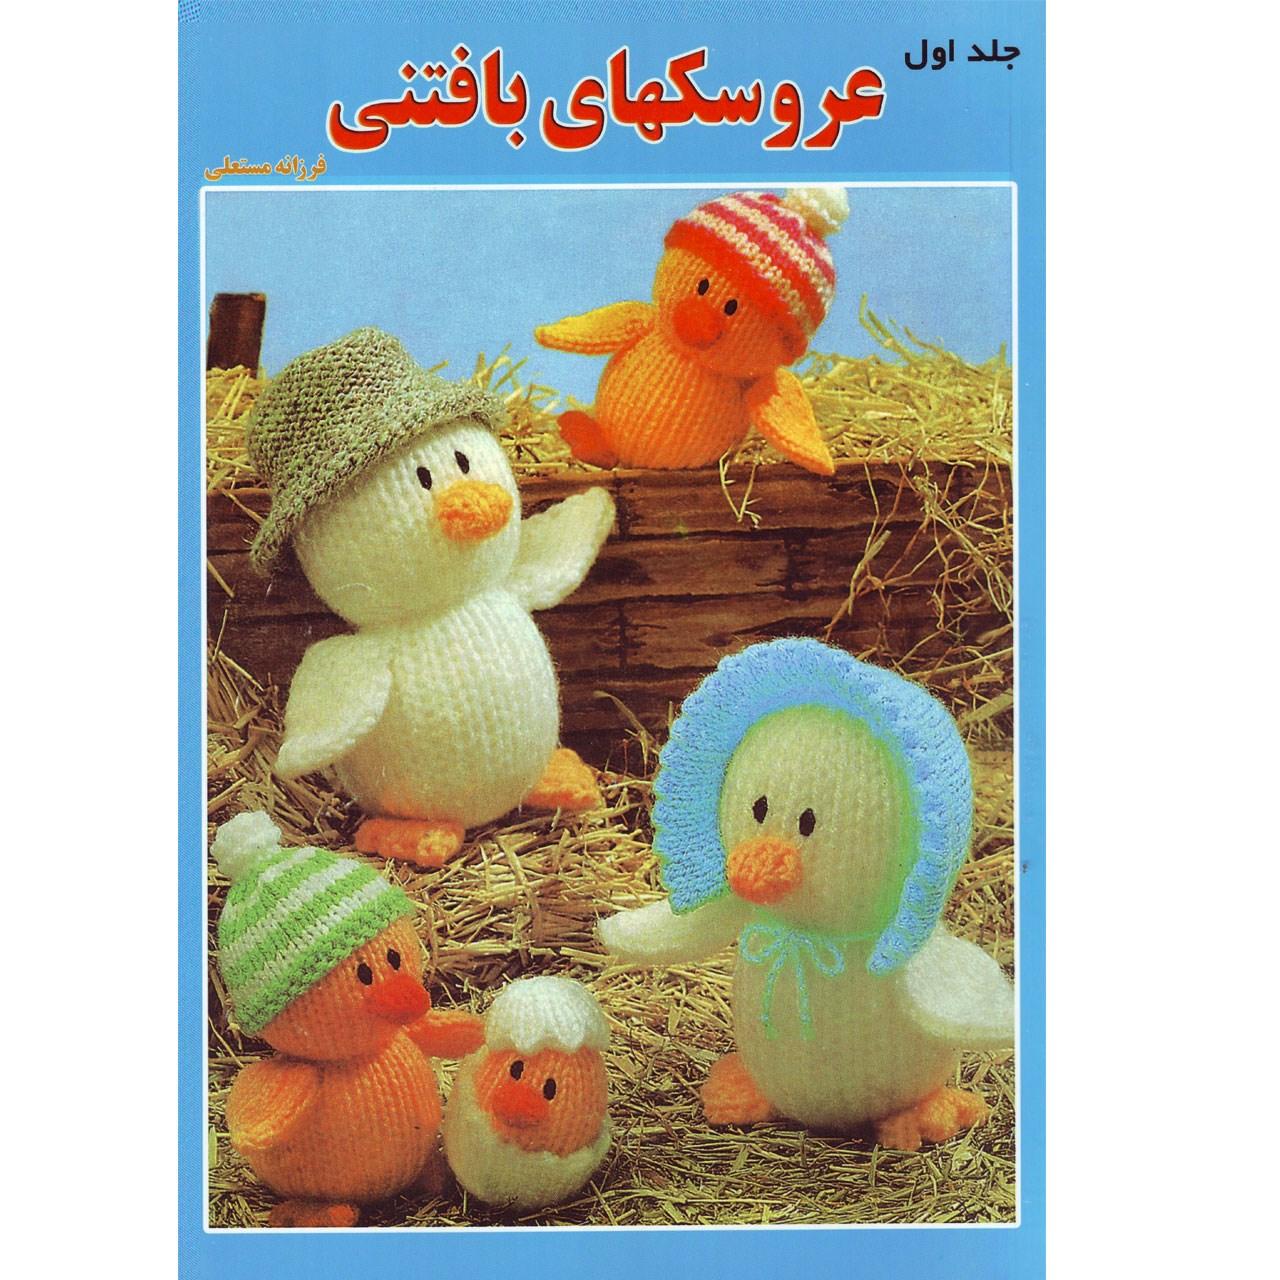 خرید                      کتاب عروسکهای بافتنی جلد 1 اثر فرزانه مستعلی